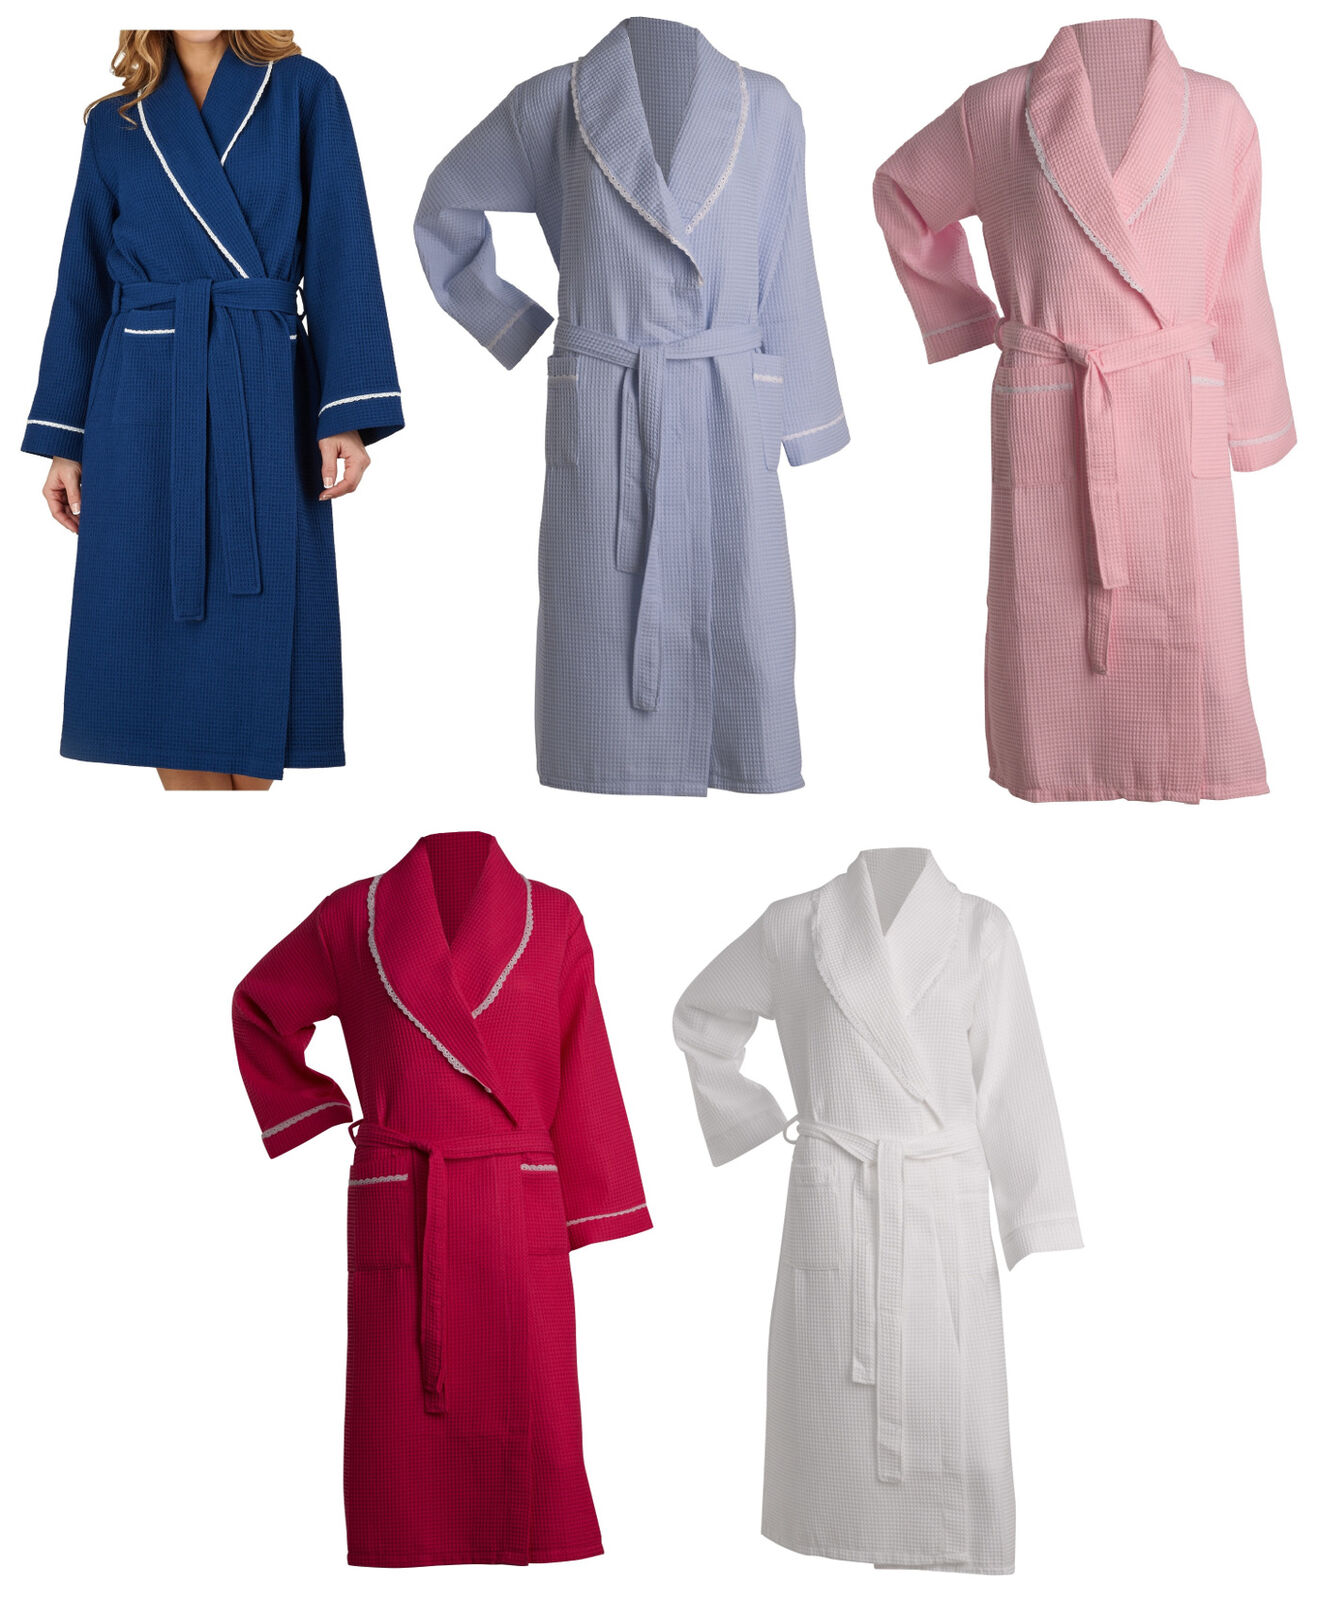 Bathrobe Womens Lightweight Waffle Lace Trim Dressing Gown Slenderella Nightwear